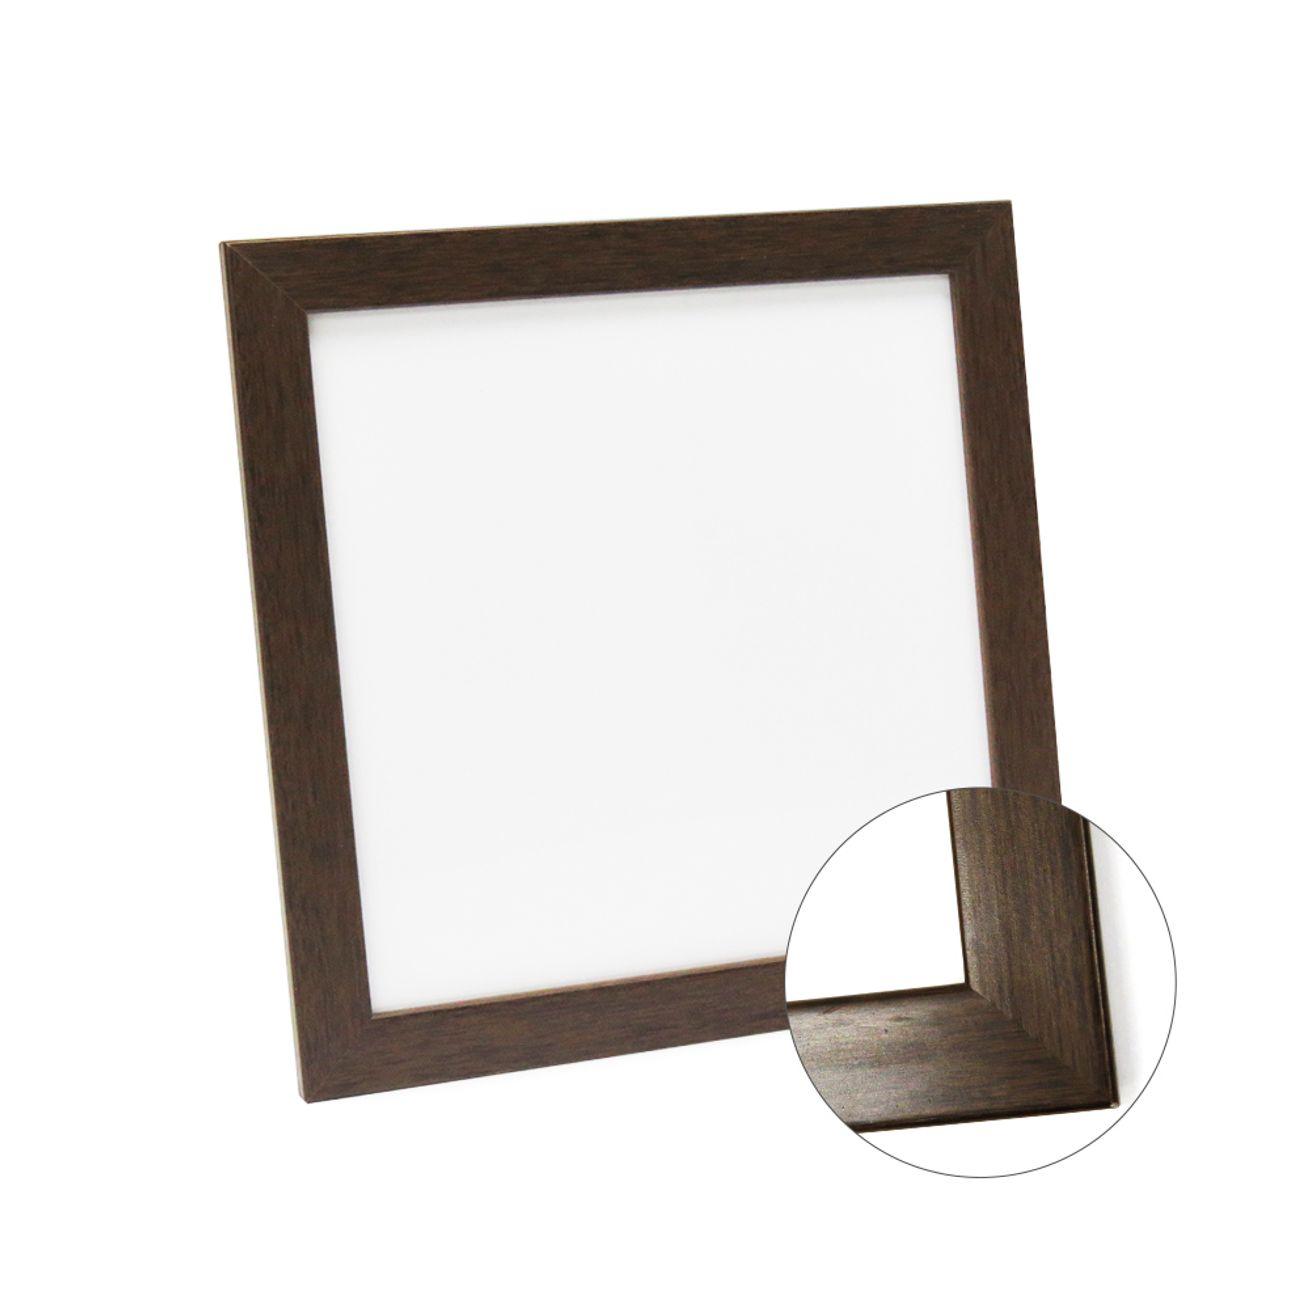 Azulejo 20x20 para sublimação com moldura em madeira  - ECONOMIZOU